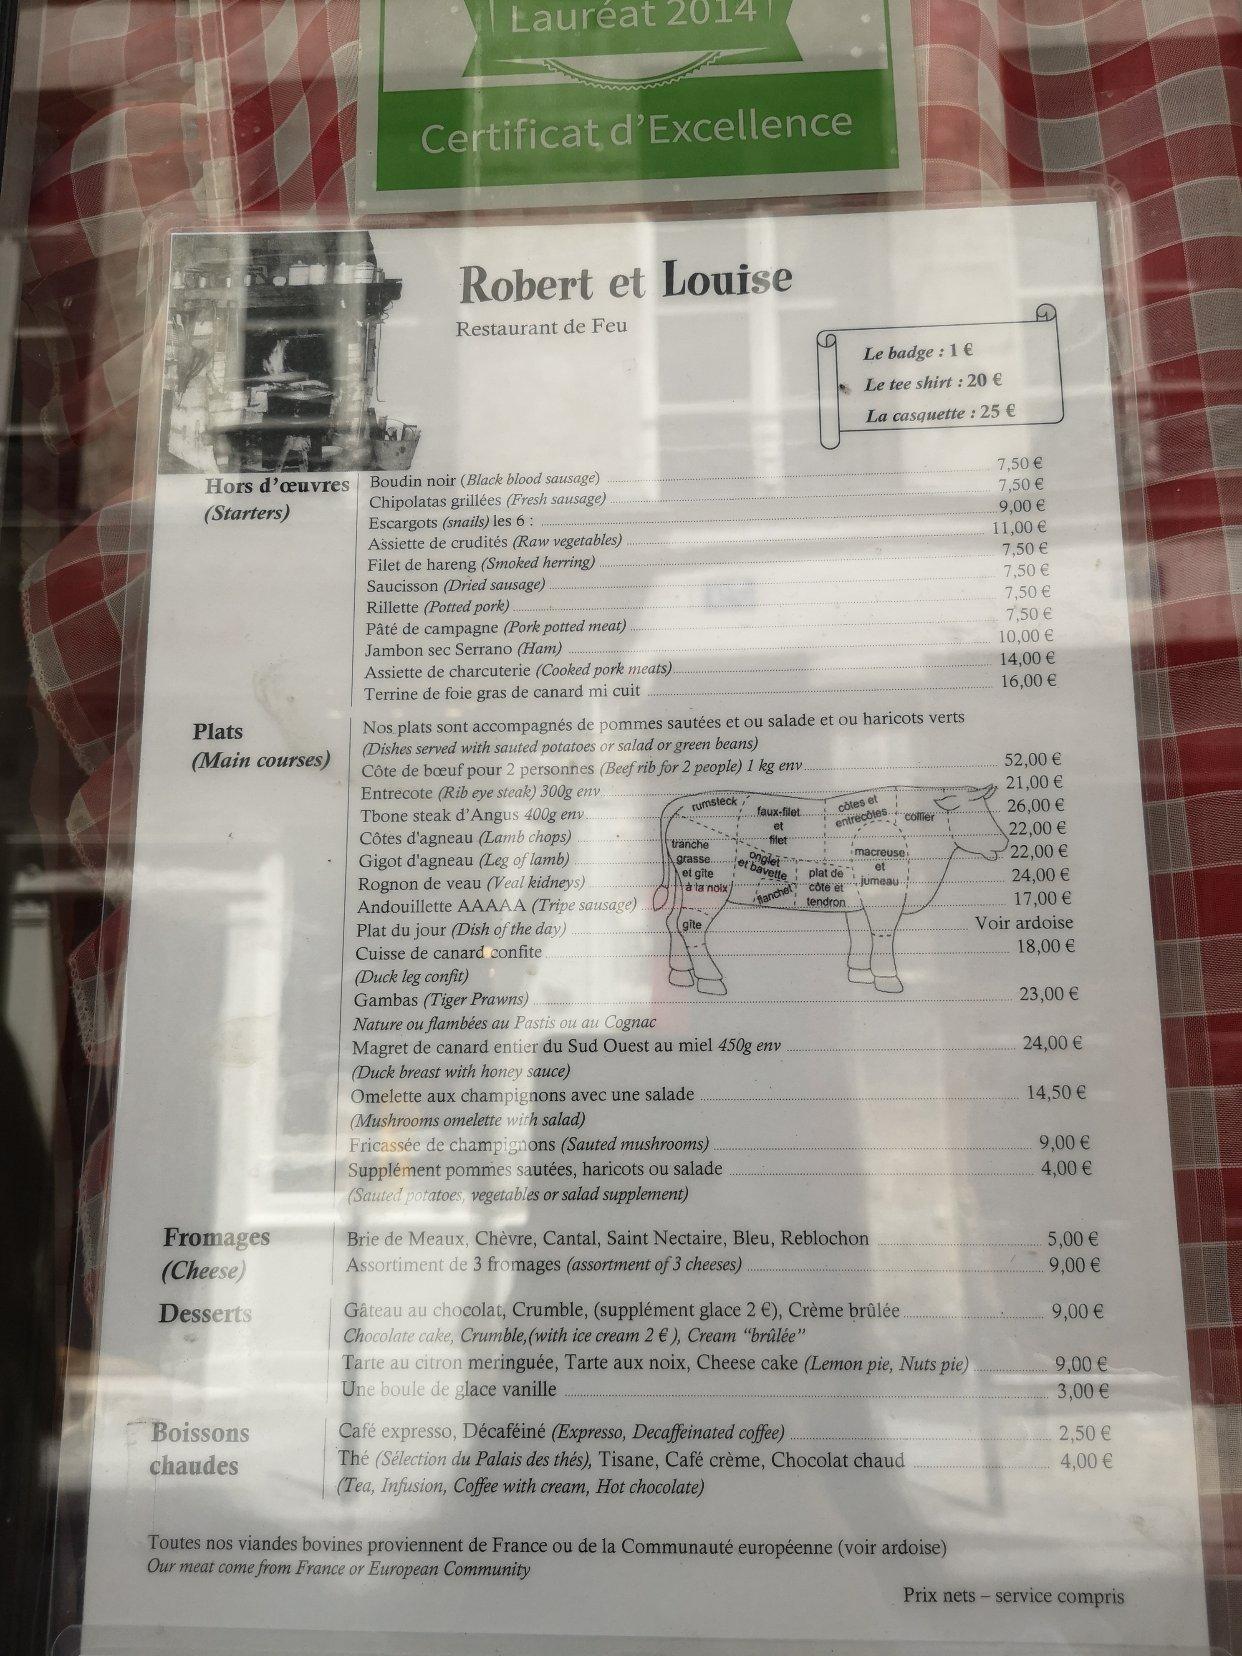 巴黎探店 巴黎最好吃的碳烤牛排餐厅